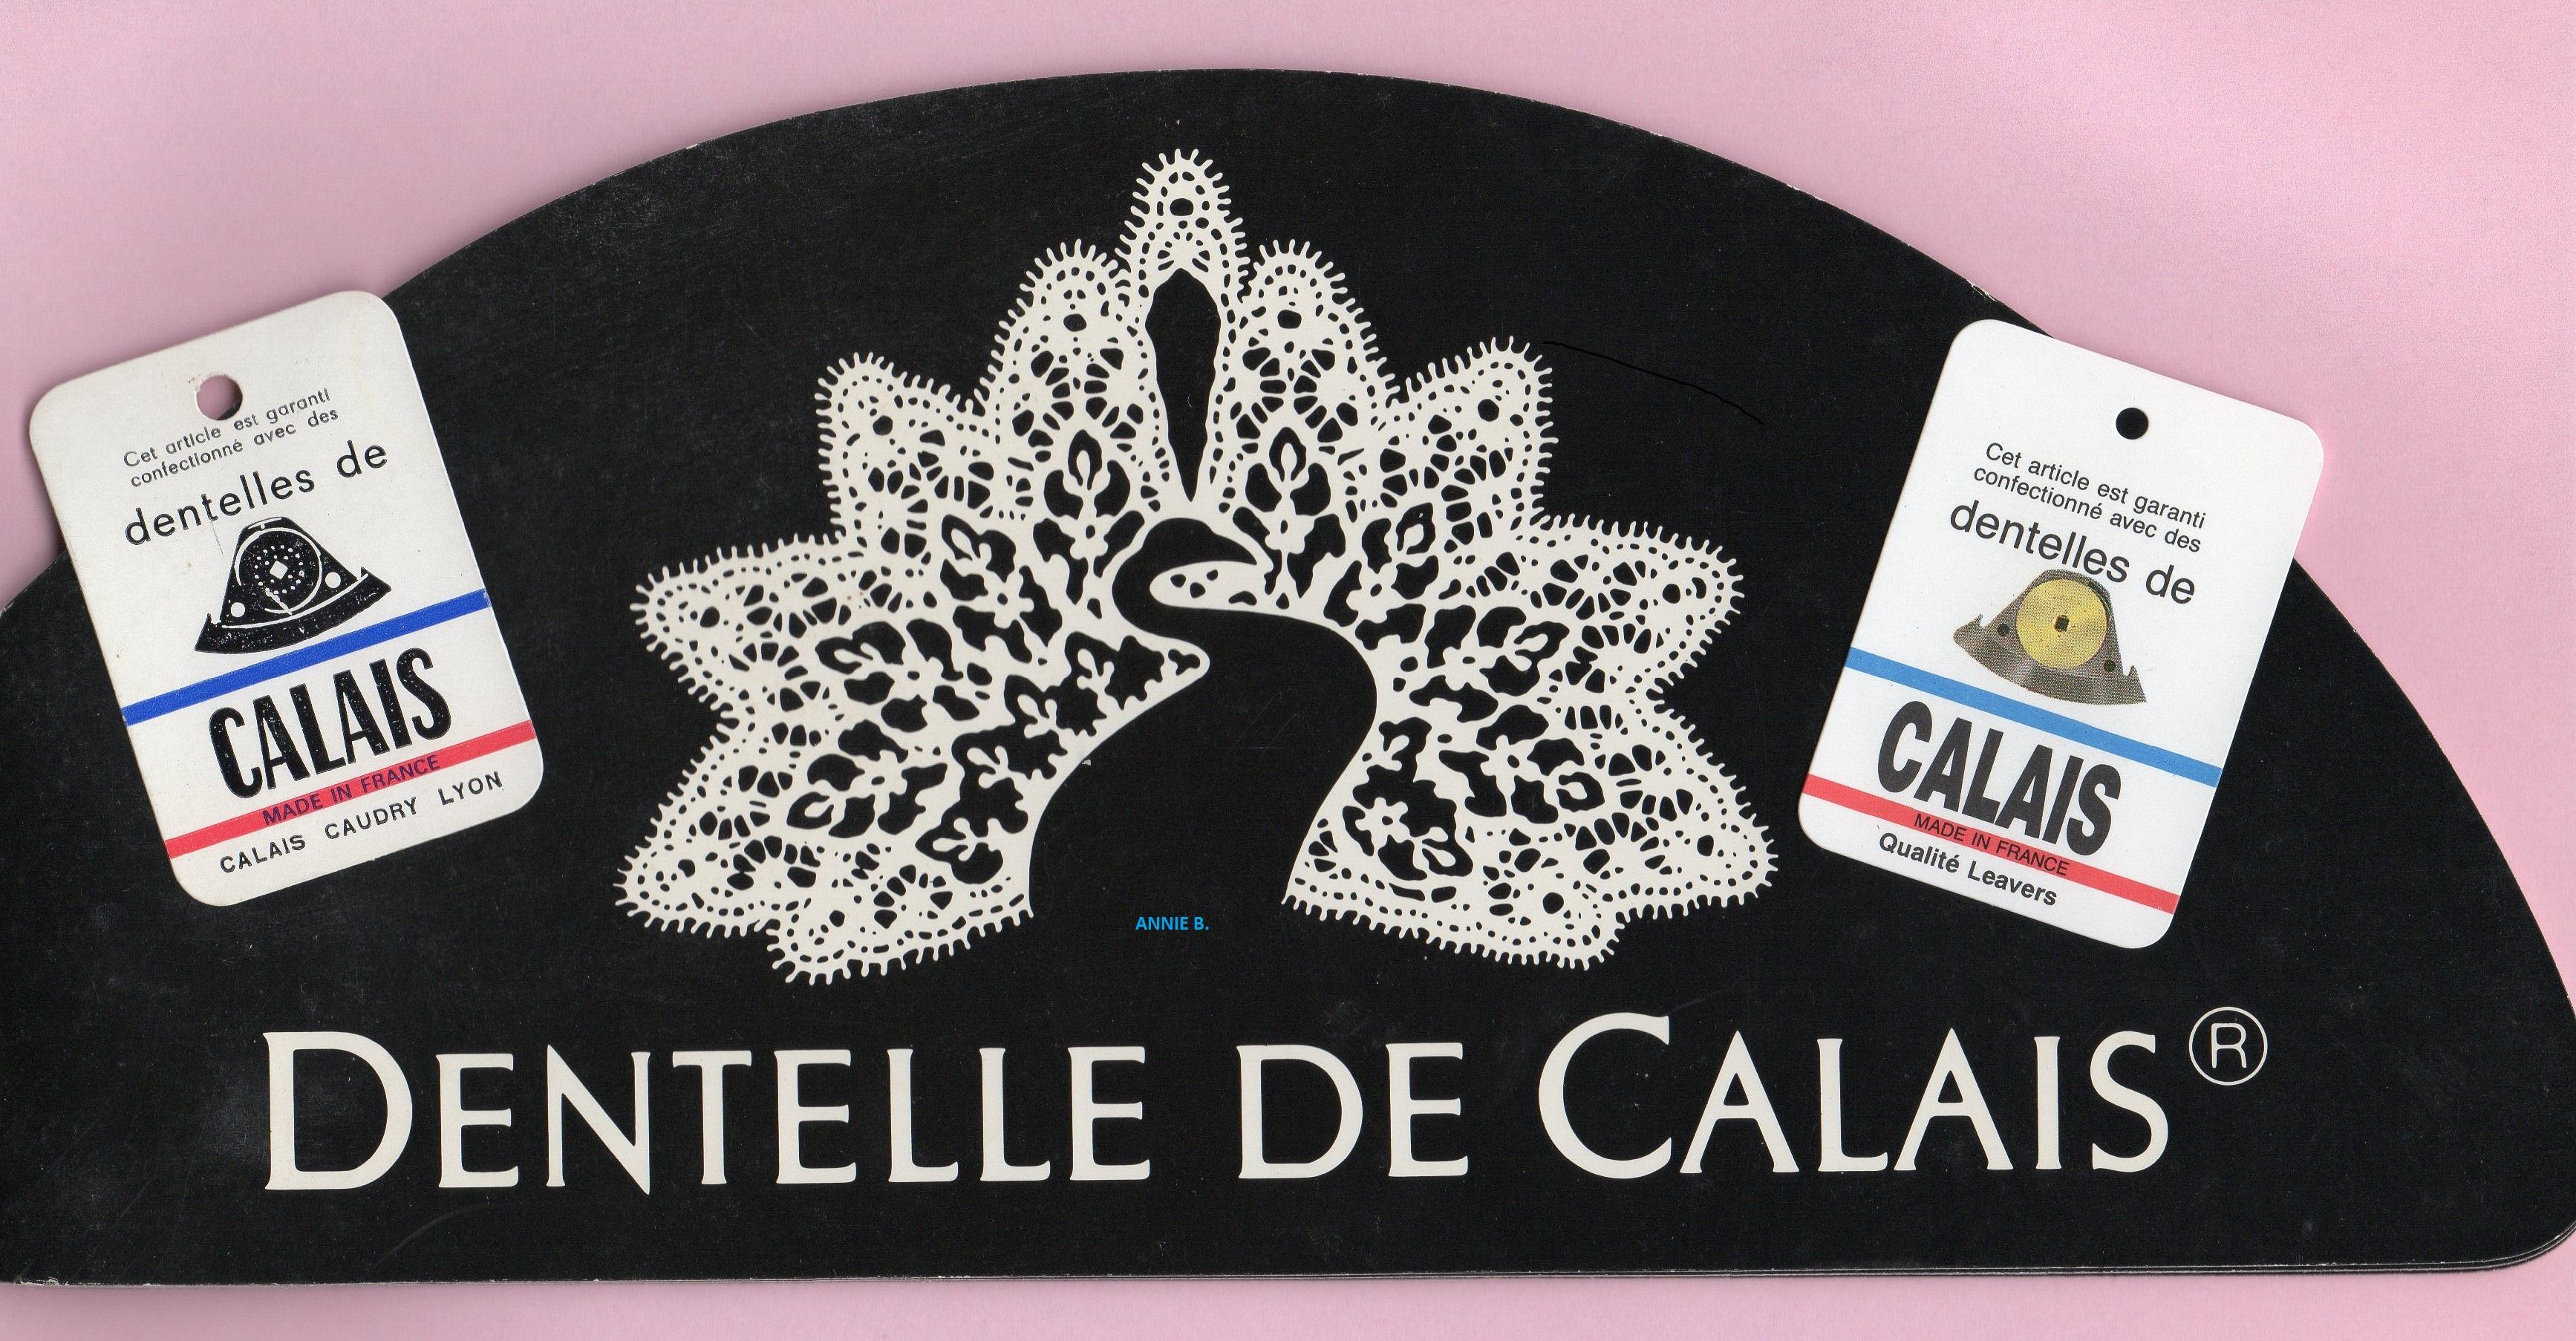 Dentelle de Calais